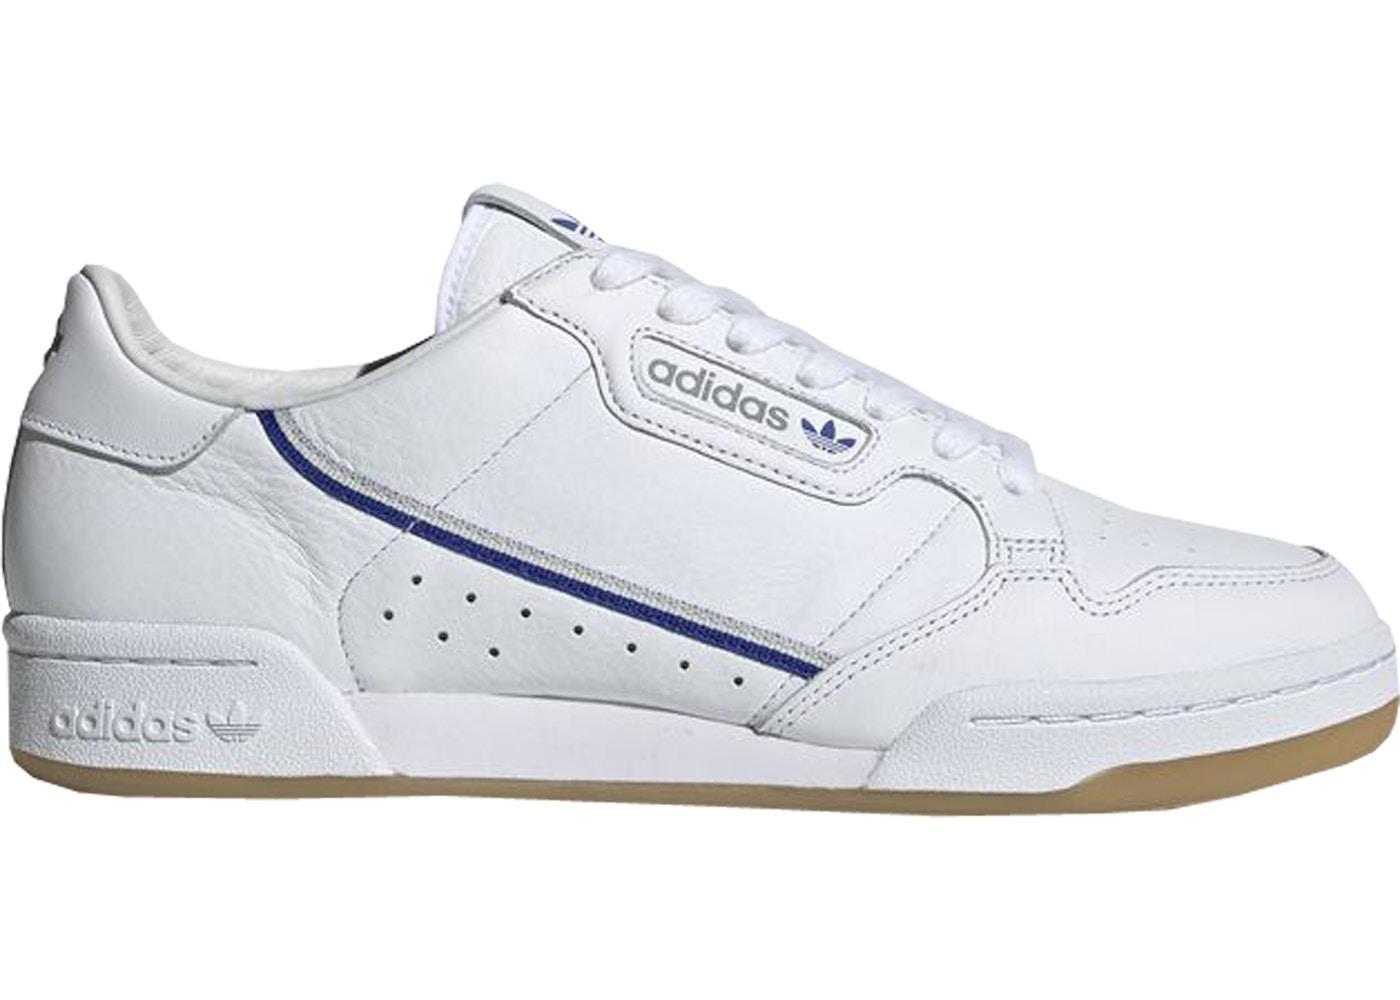 adidas Continental 80 TfL Elizabeth Line White Blue Grey